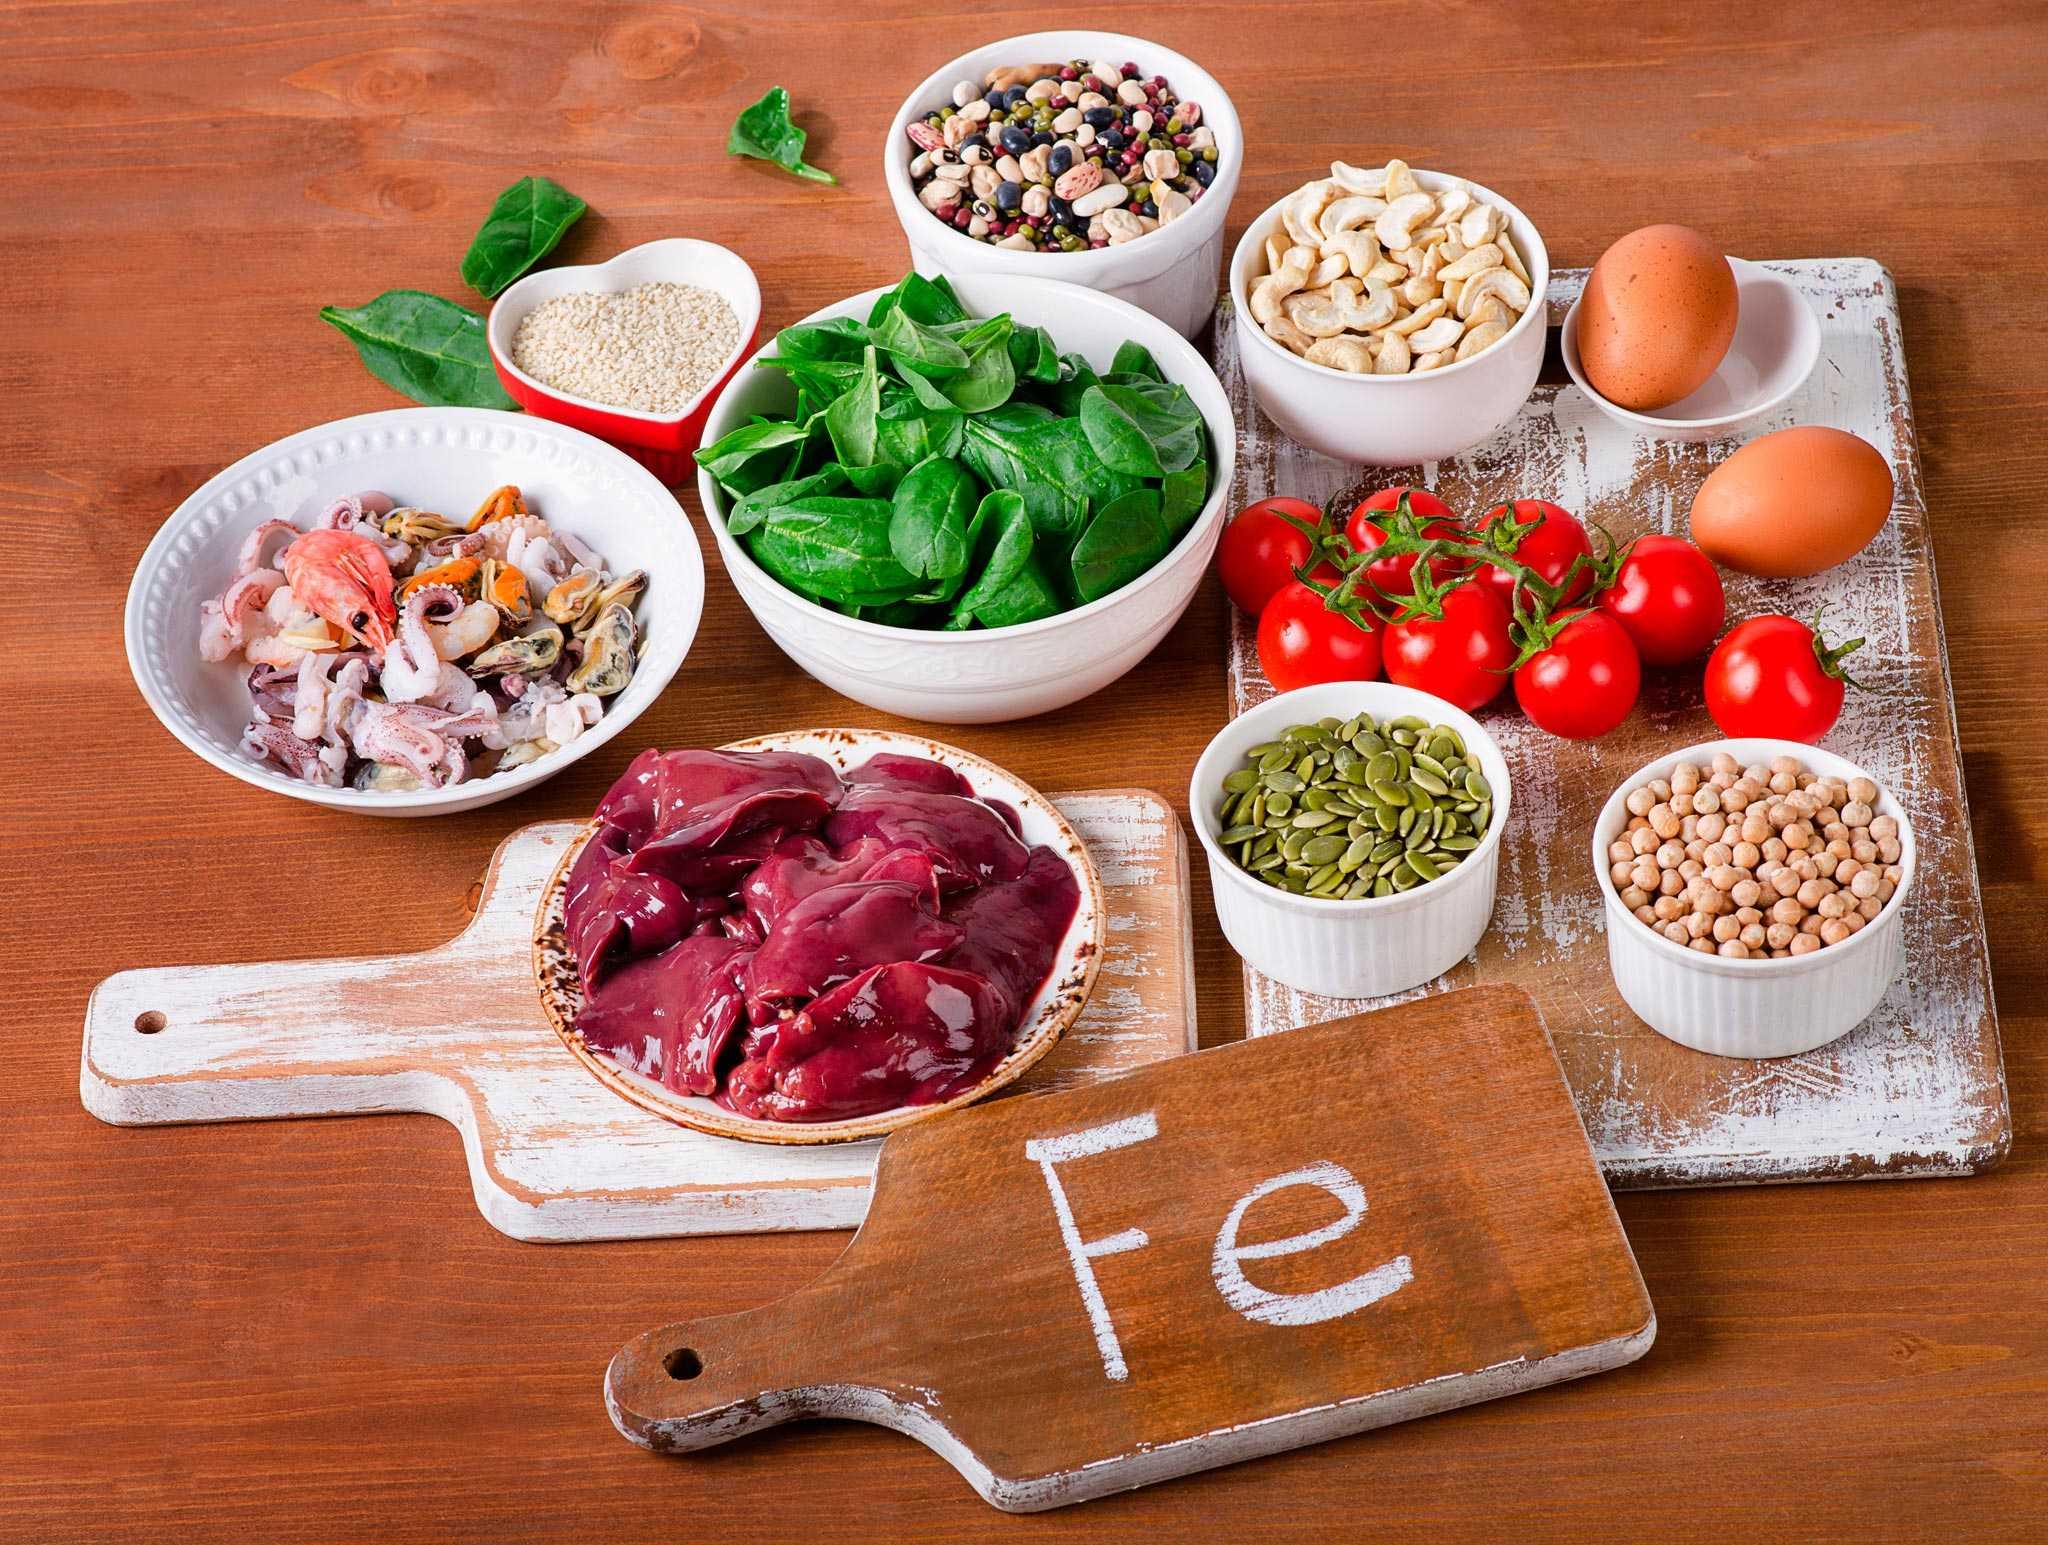 Người bị thiểu năng tuần hoàn não nên ăn gì? 1